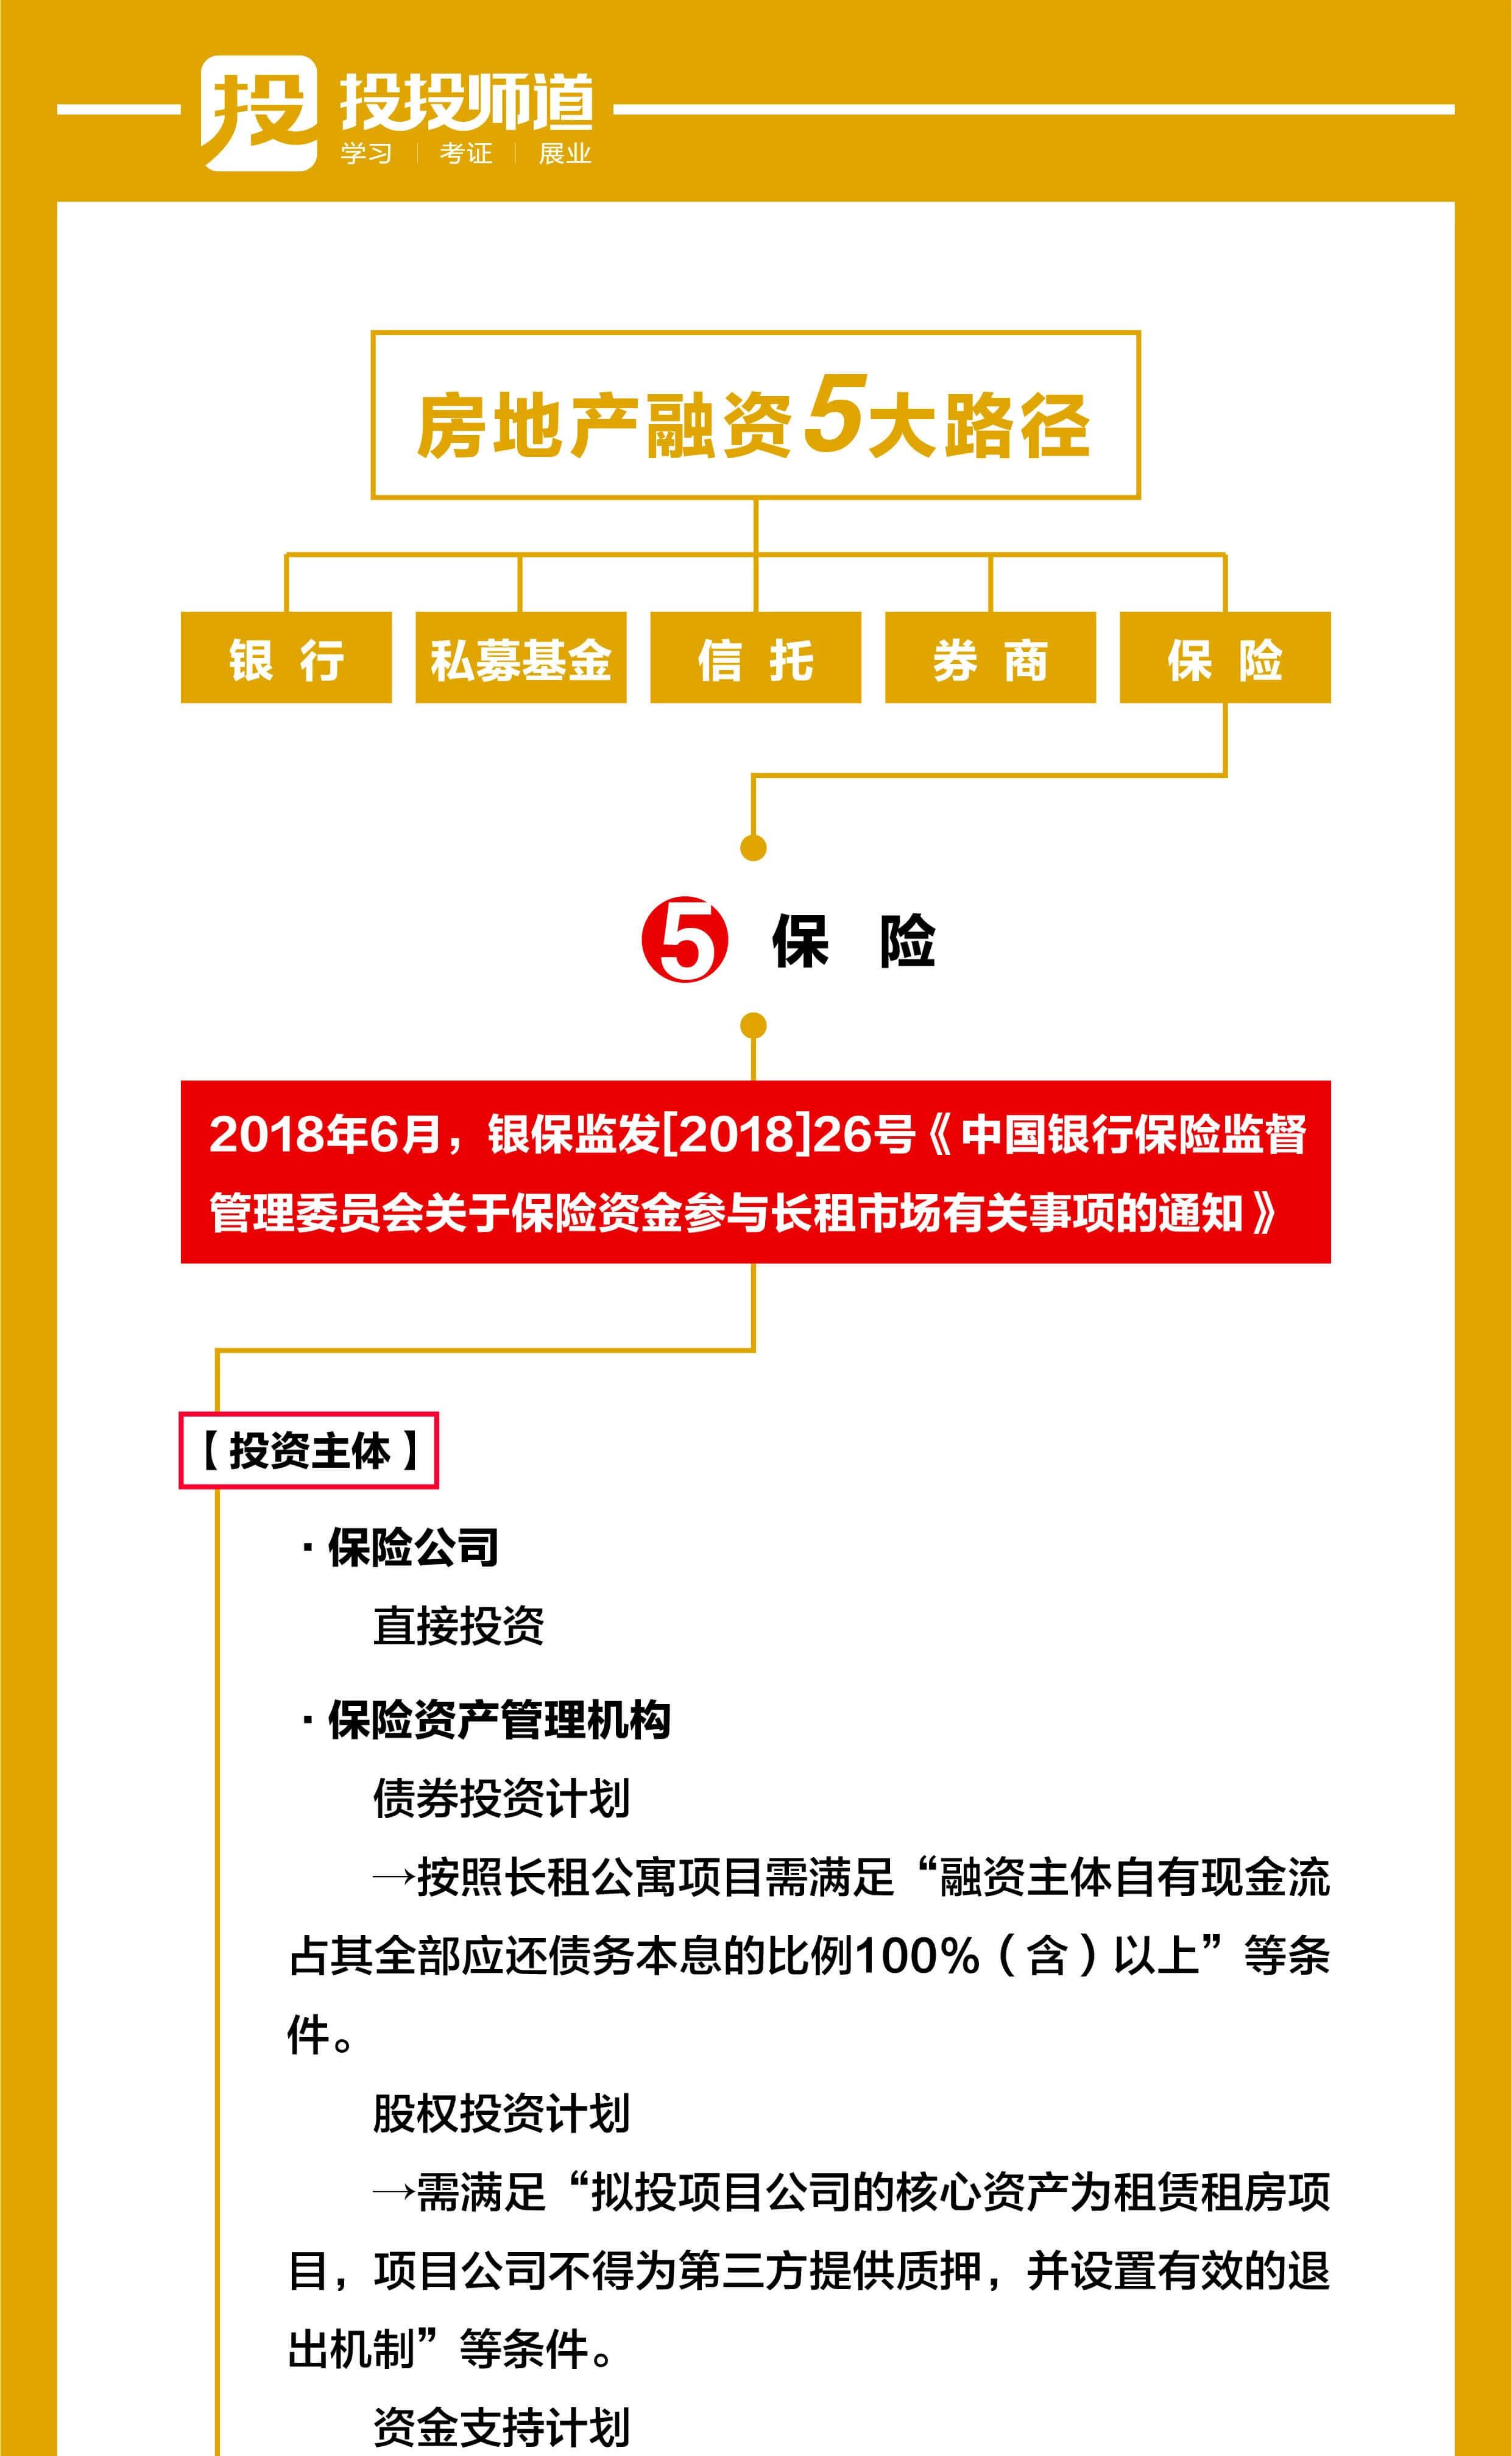 史上最全的中国房地产融资路径(珍藏版)